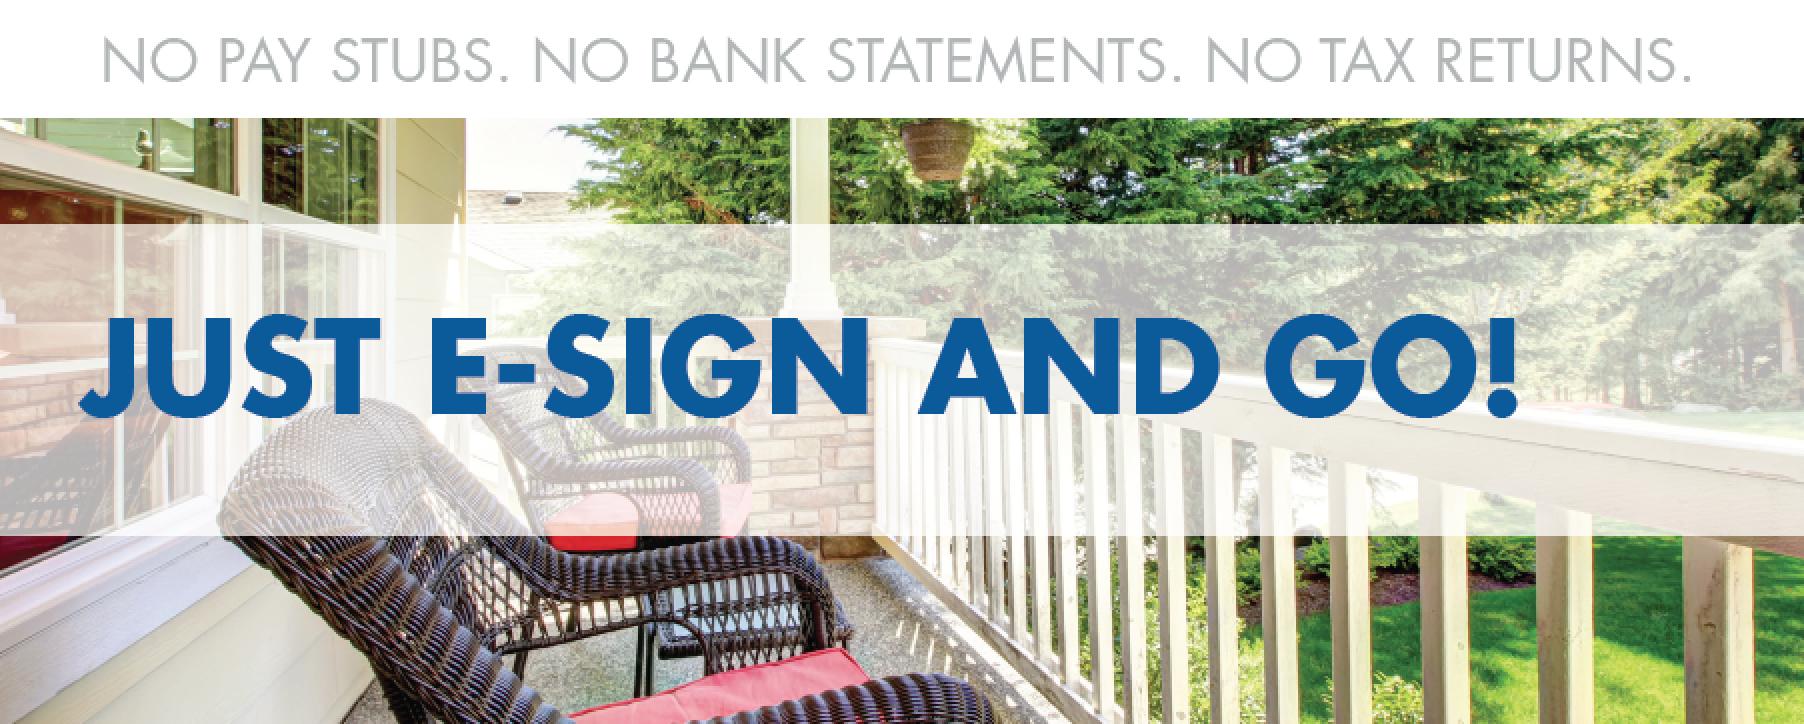 e-sign mortgage